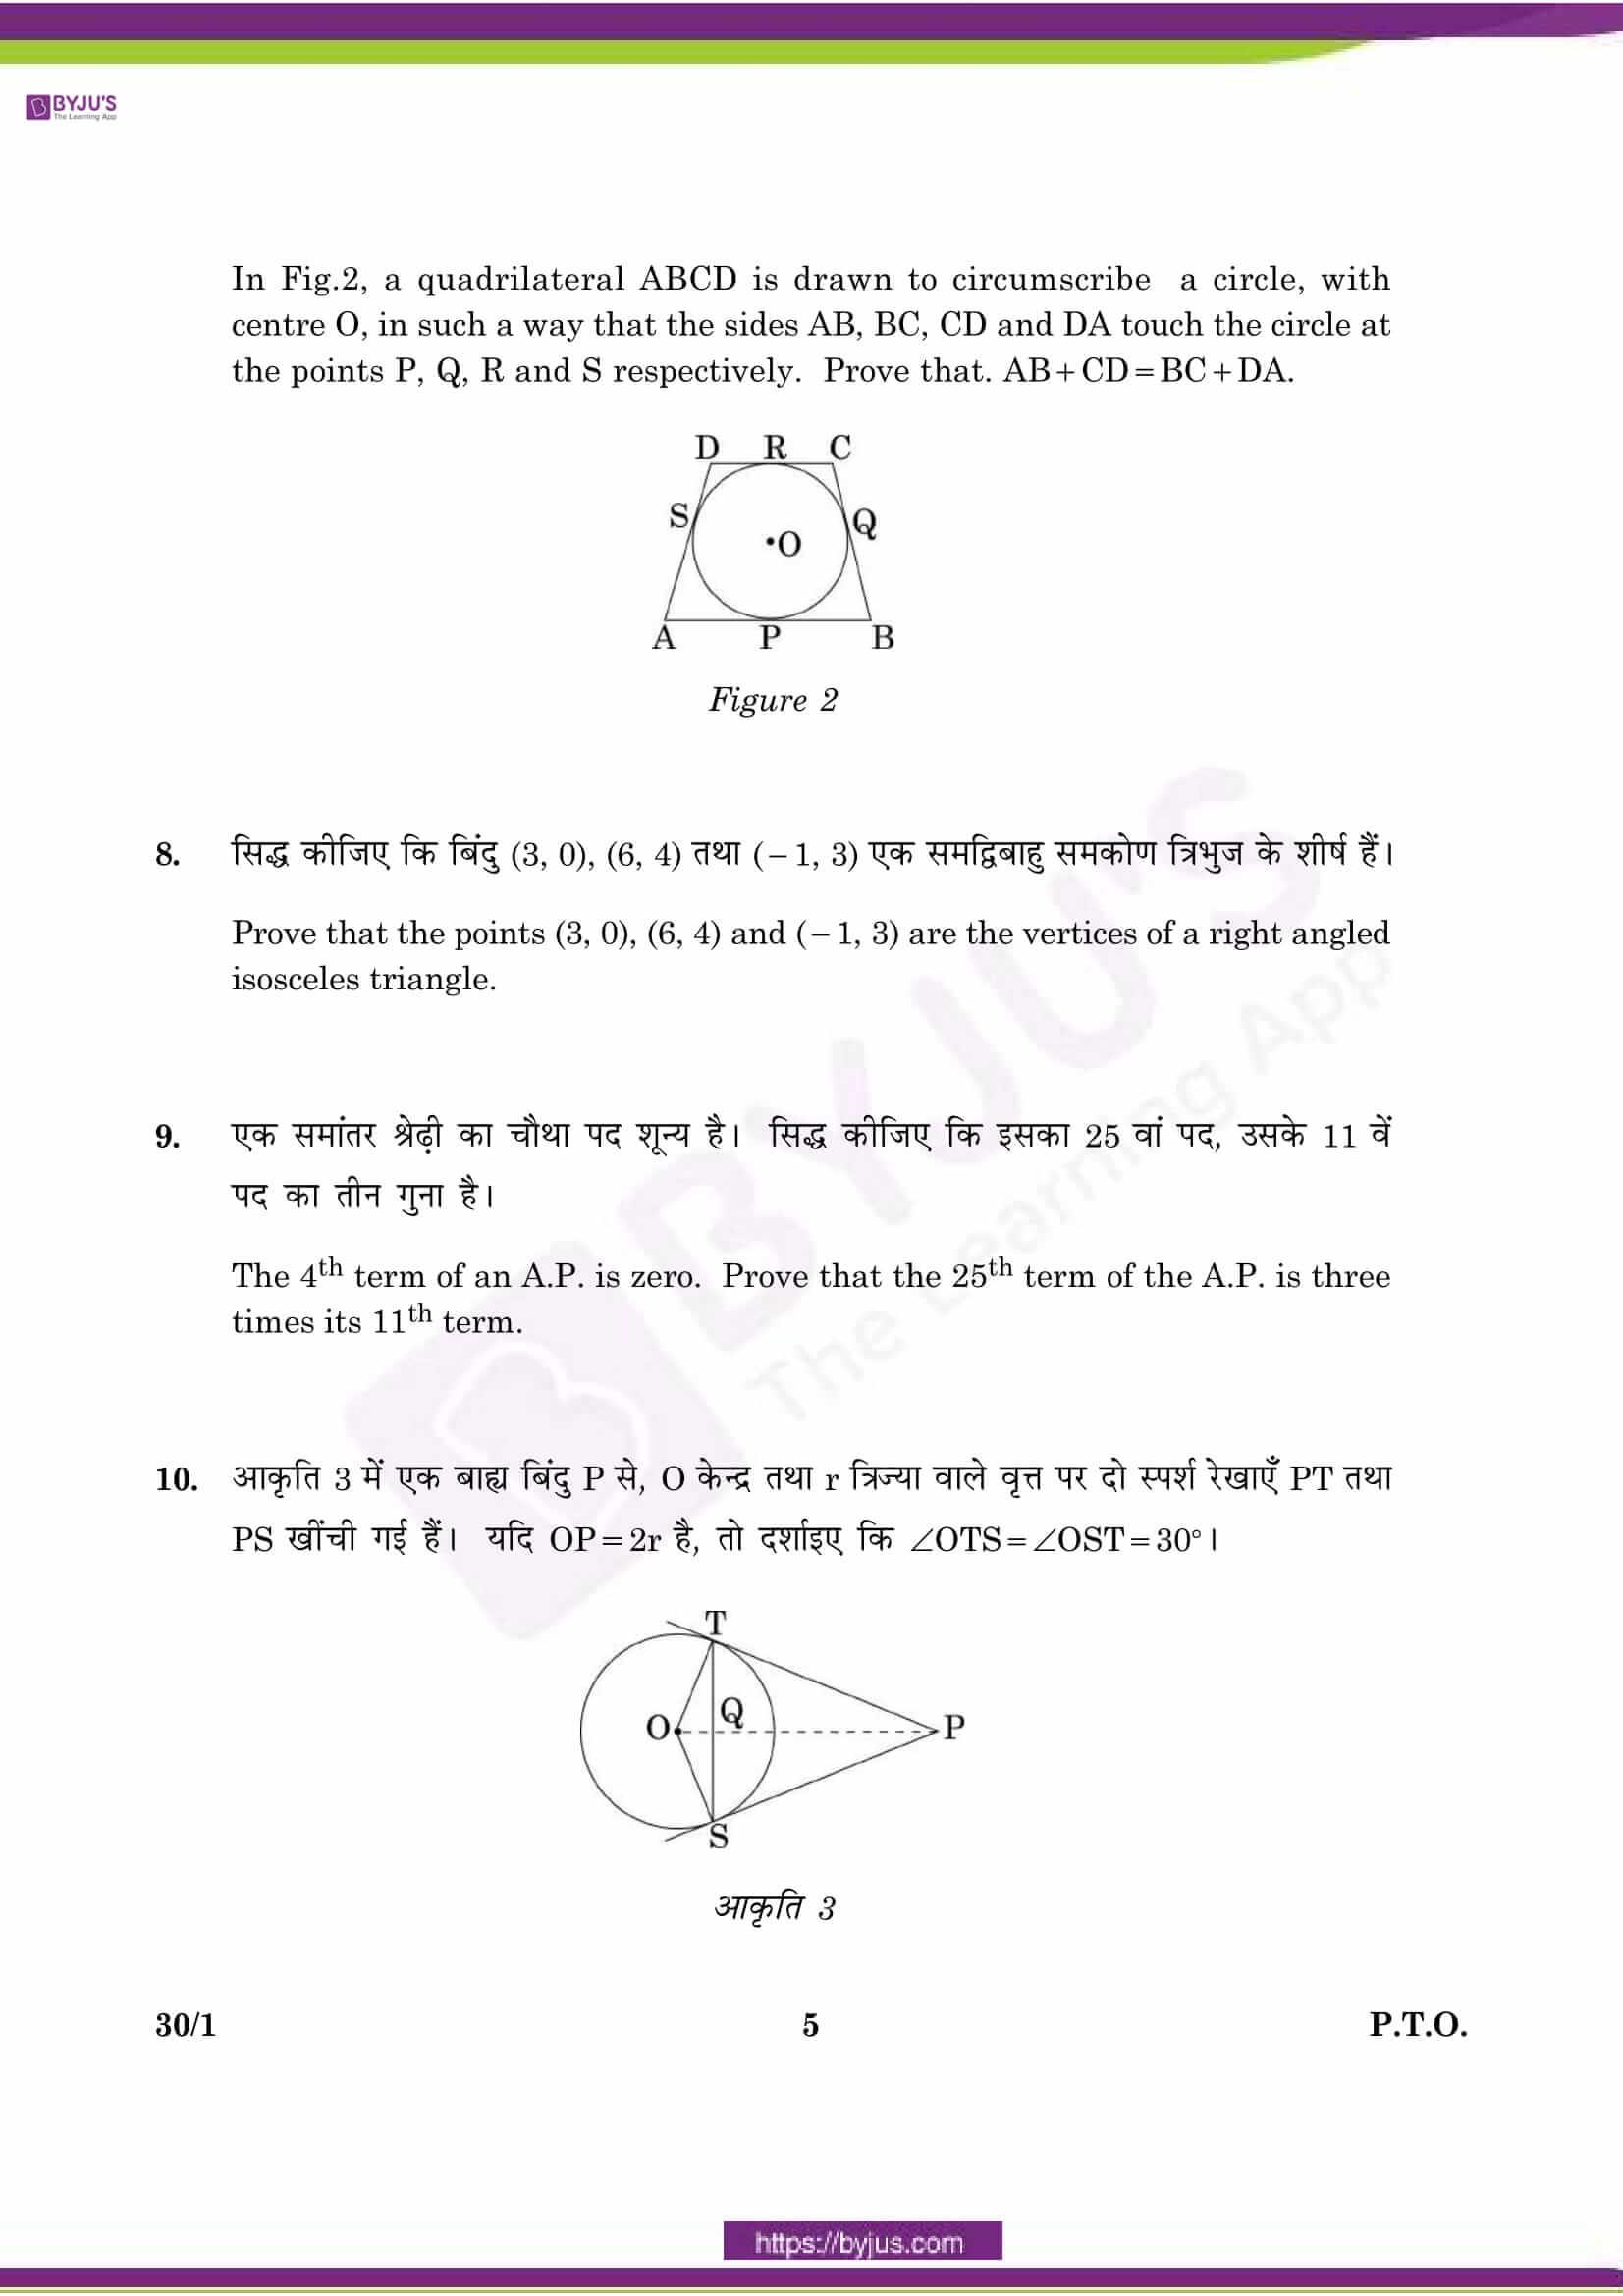 CBSE Class 10 Maths Qs Paper 2016 SA 2 Set 1 05